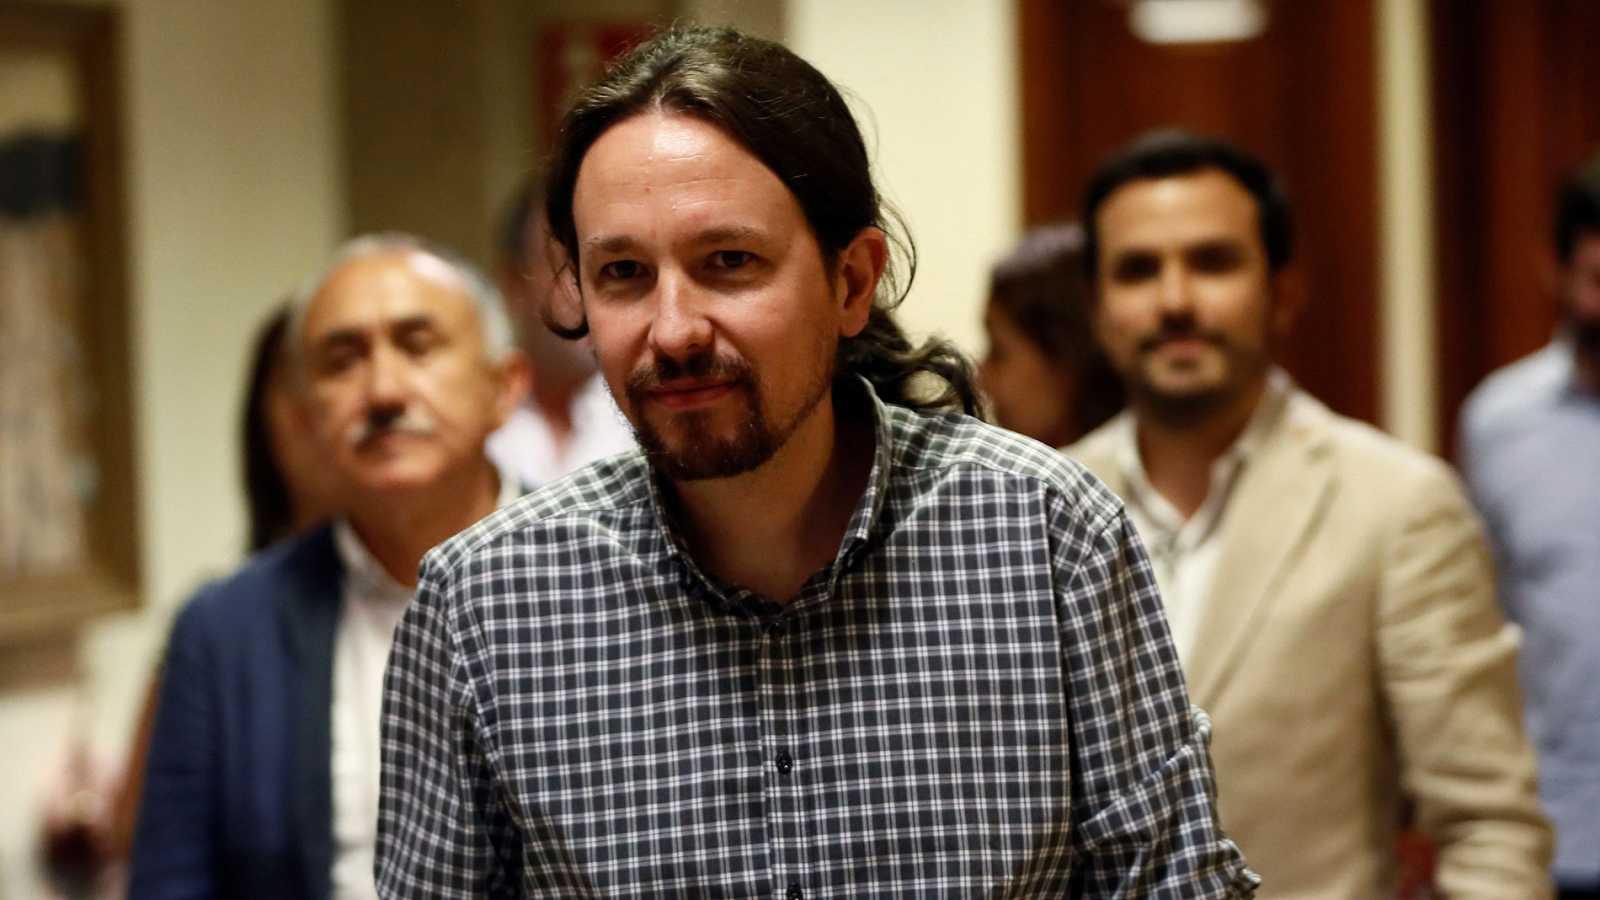 Iglesias augura que el acuerdo para gobernar en coalición podría llegar en septiembre tras una investidura fallida